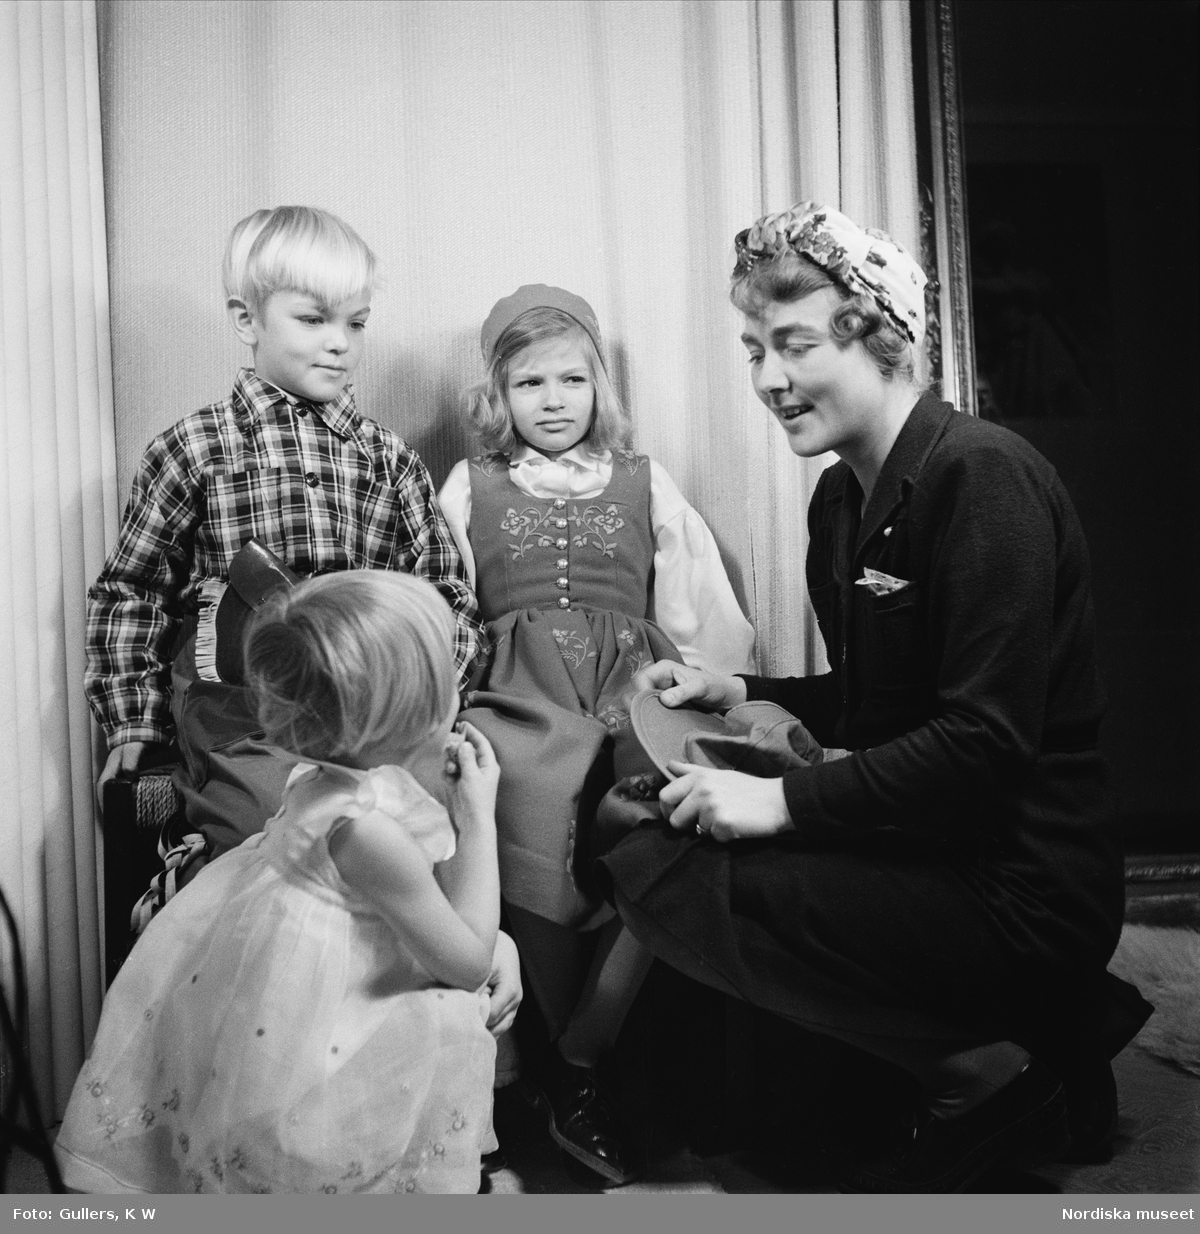 Porträtt av skådespelaren Edvin Adolphsons barn, sonen Olle Adolphson (1934-2004) och dottern Kristina Adolphson (född 1937).